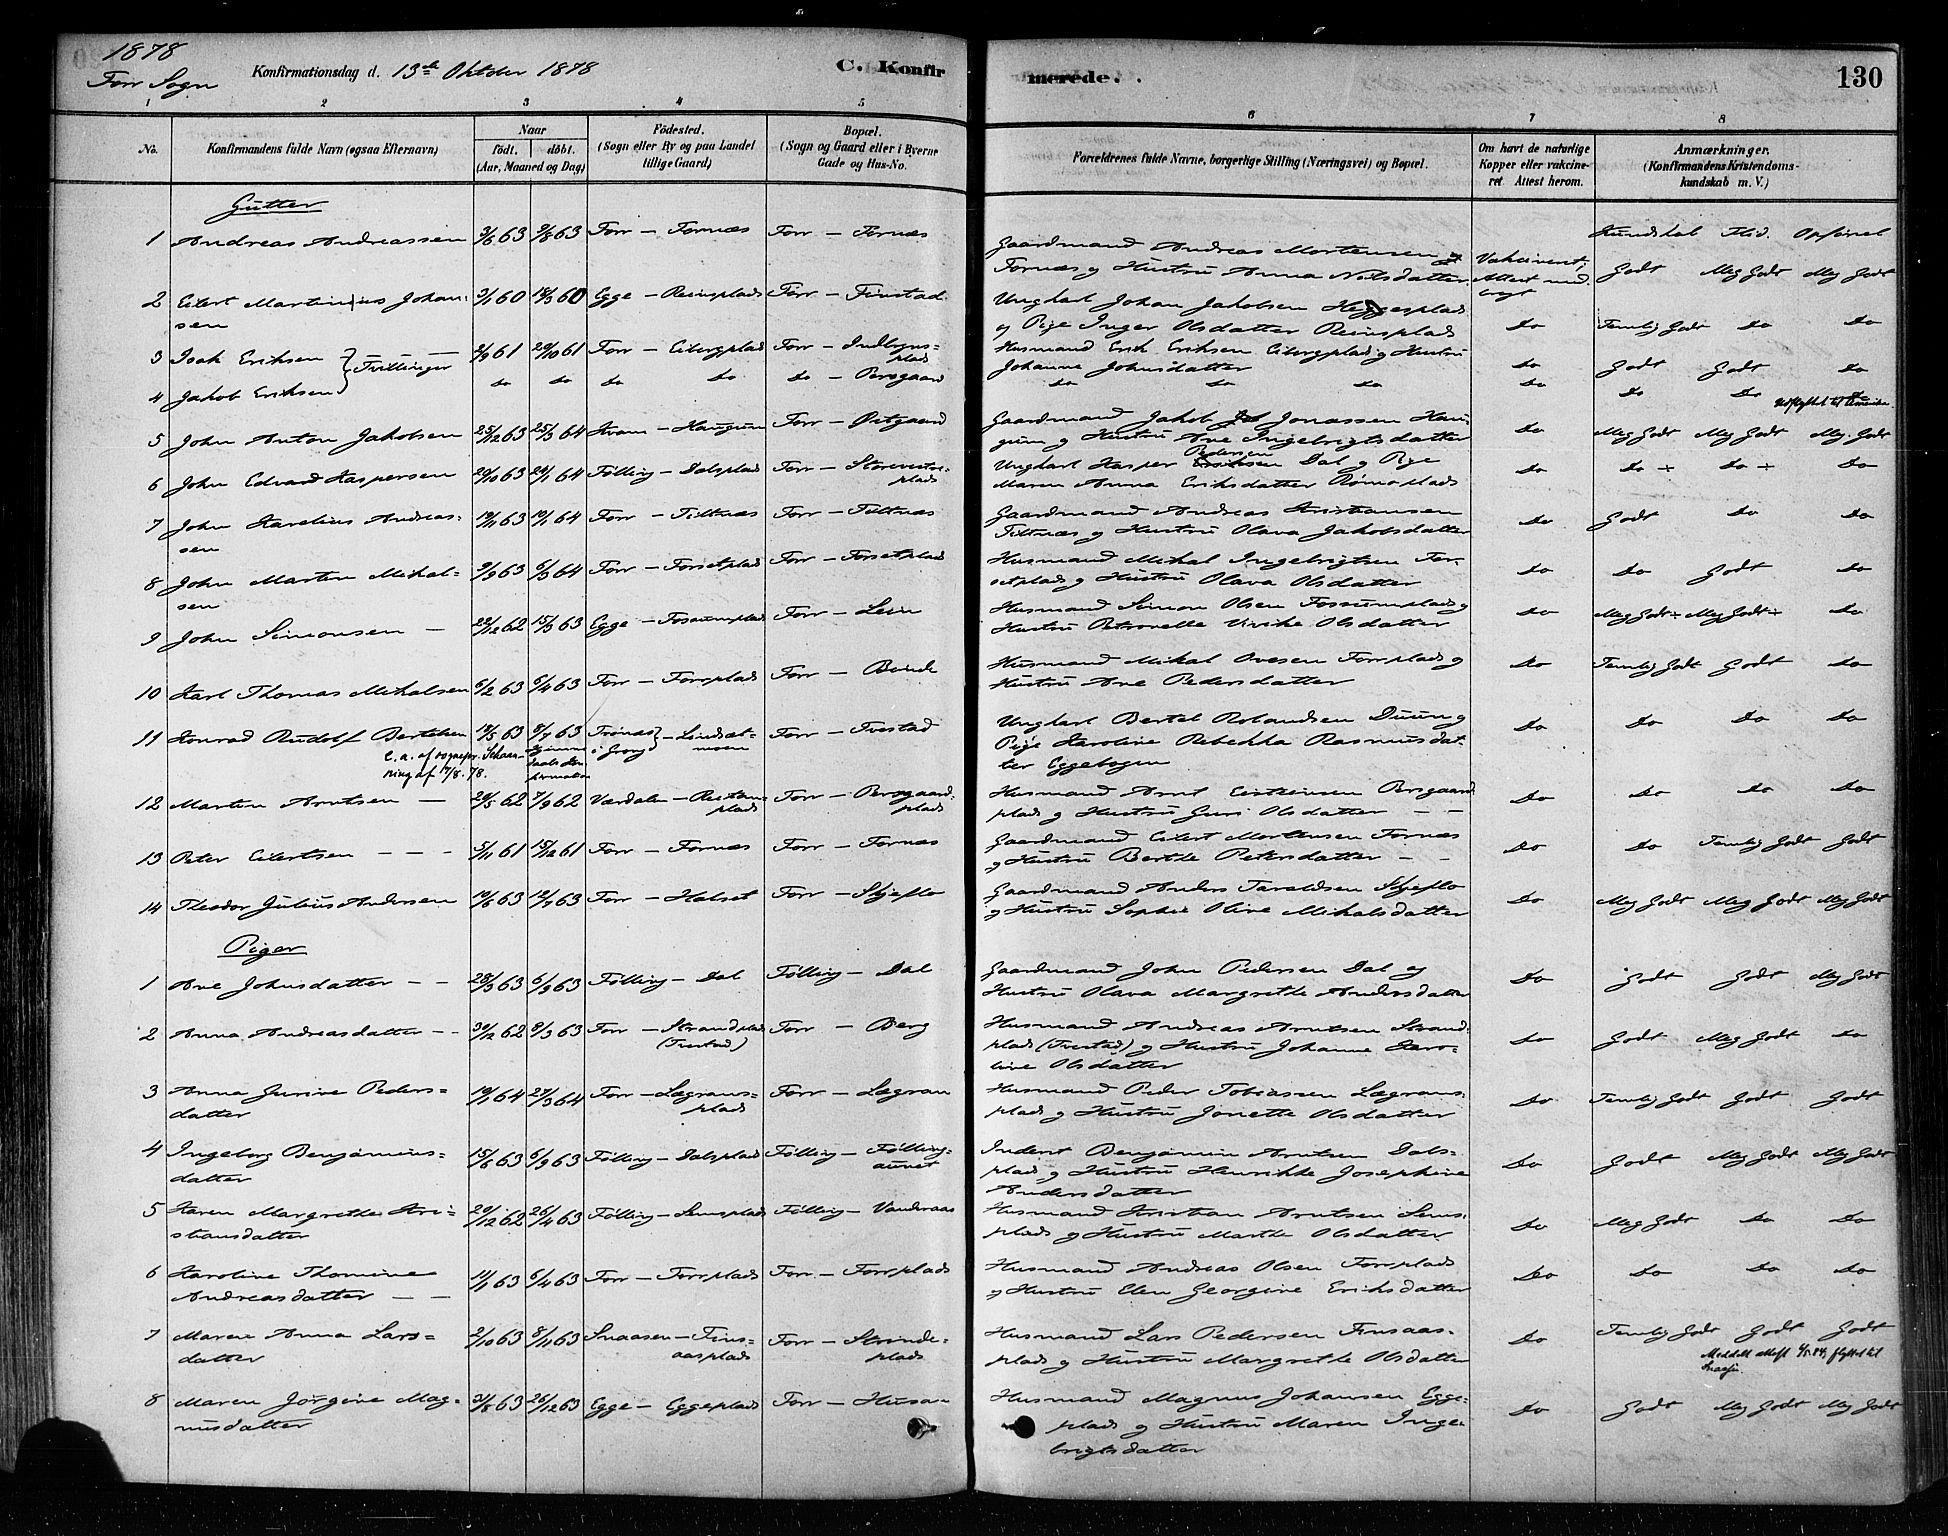 SAT, Ministerialprotokoller, klokkerbøker og fødselsregistre - Nord-Trøndelag, 746/L0448: Ministerialbok nr. 746A07 /1, 1878-1900, s. 130